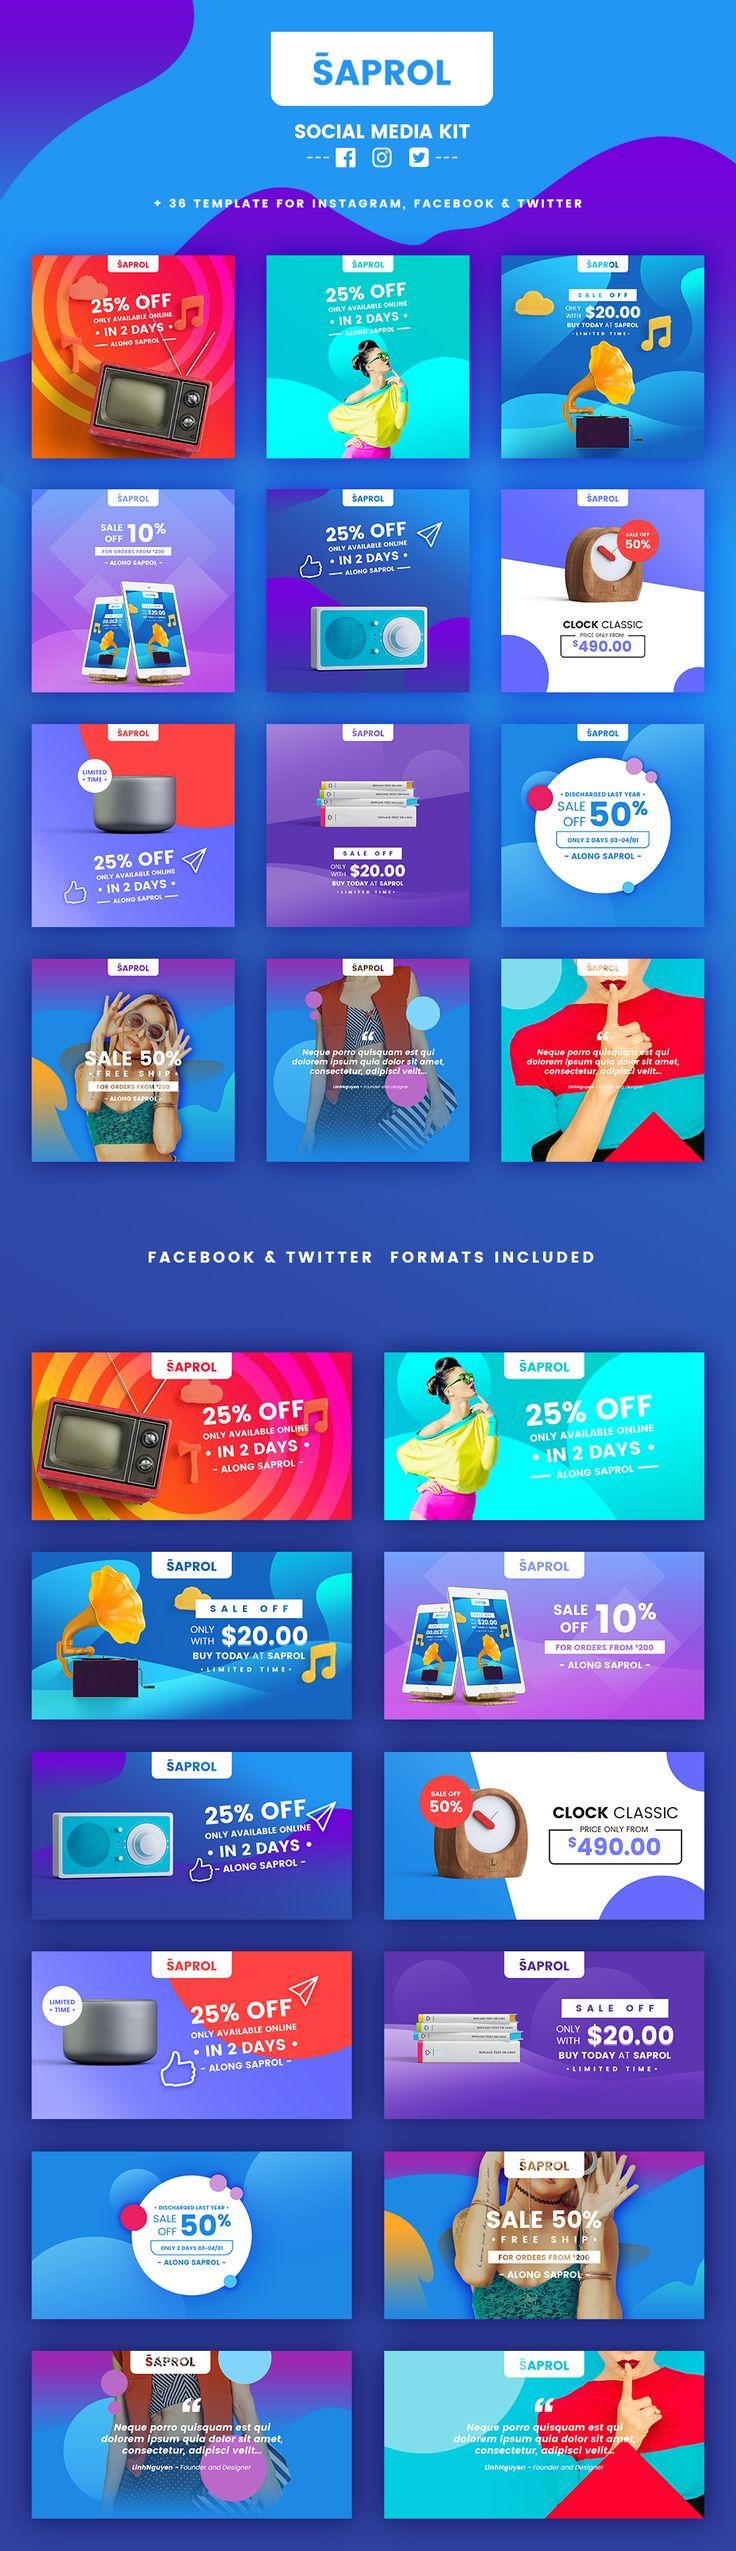 Social Media Kit | Social Media Promotion | Social Network Marketing